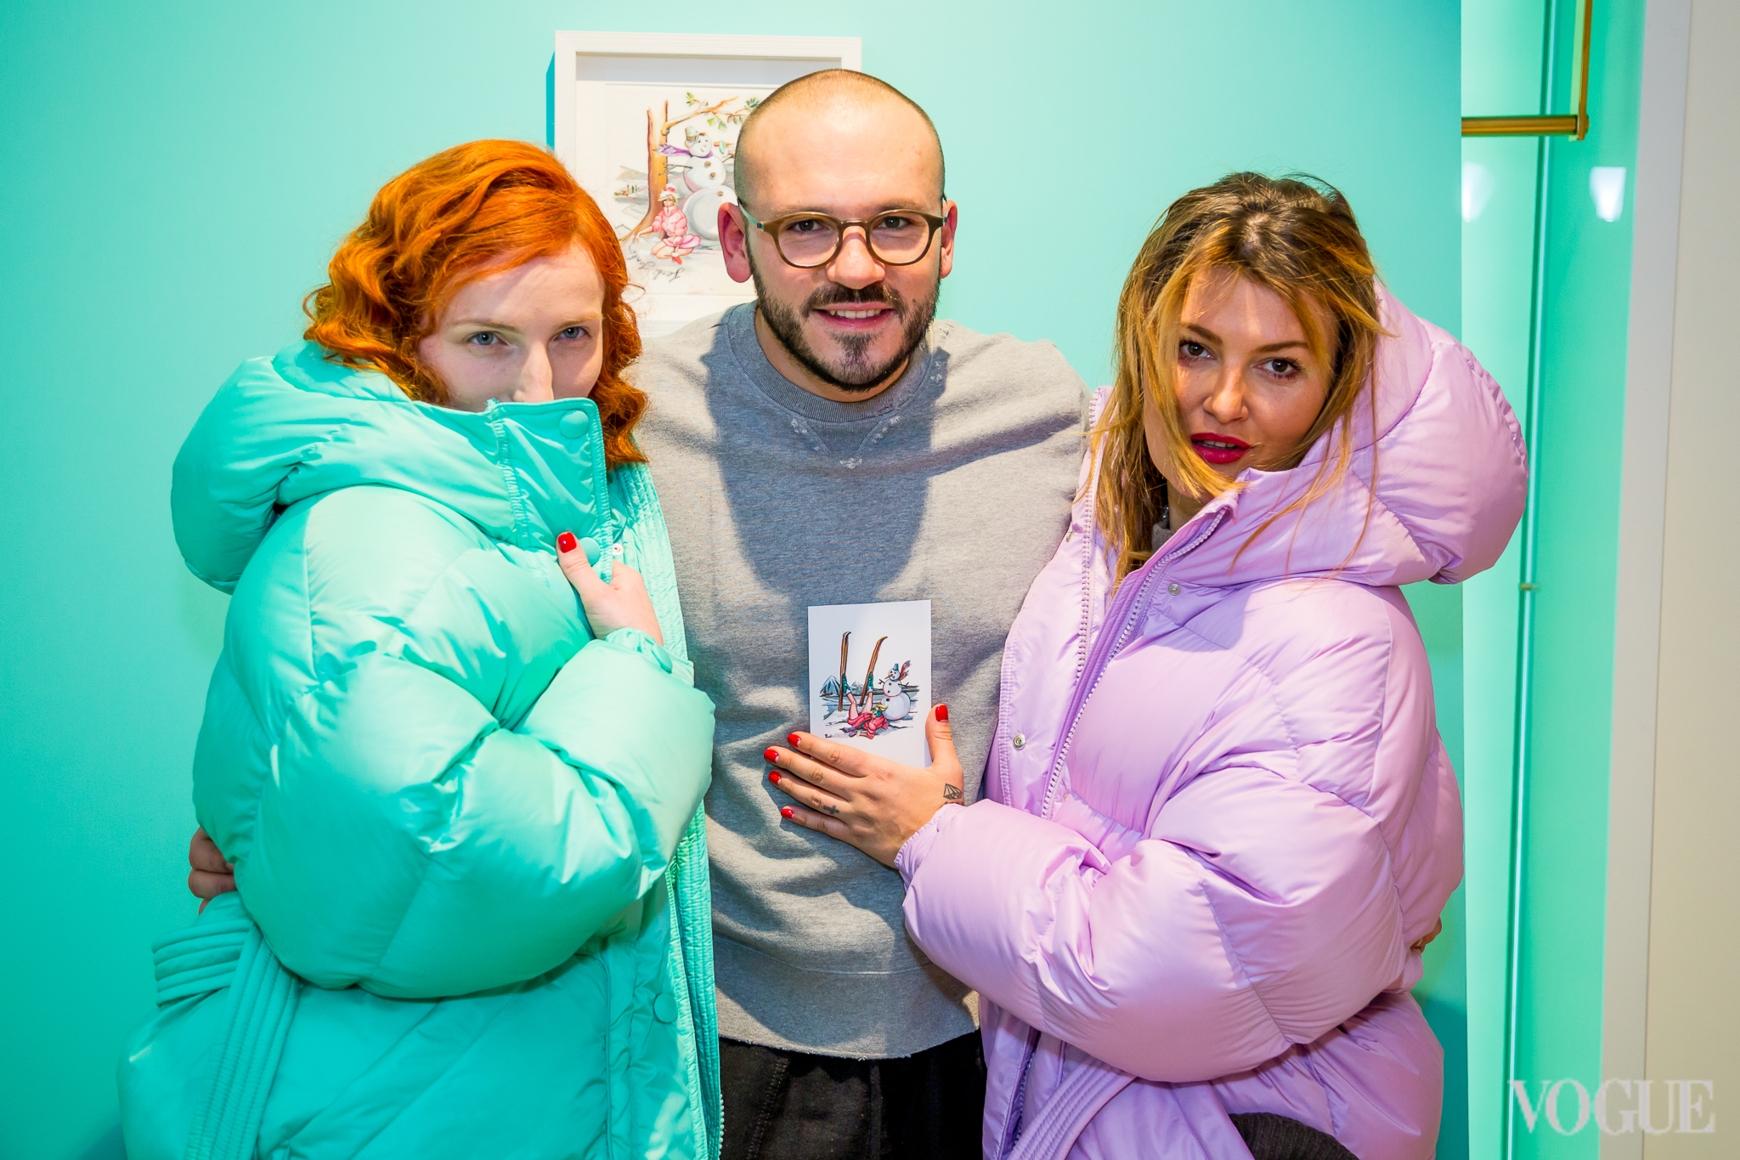 Любовь Кучерявая, Дмитрий Евенко и Маша Шубина